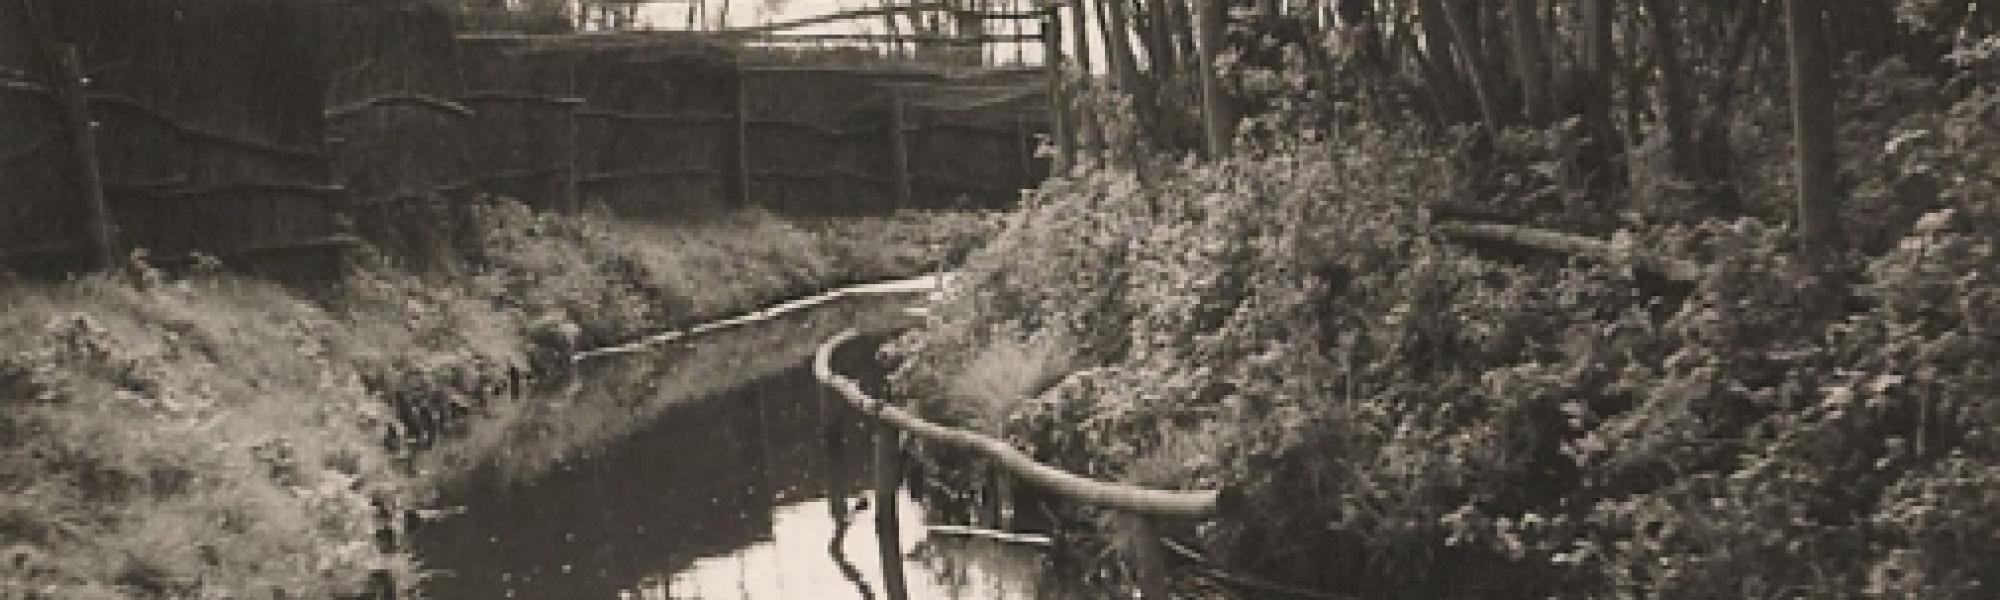 Beeld van Eendekooi Stokman in het verleden